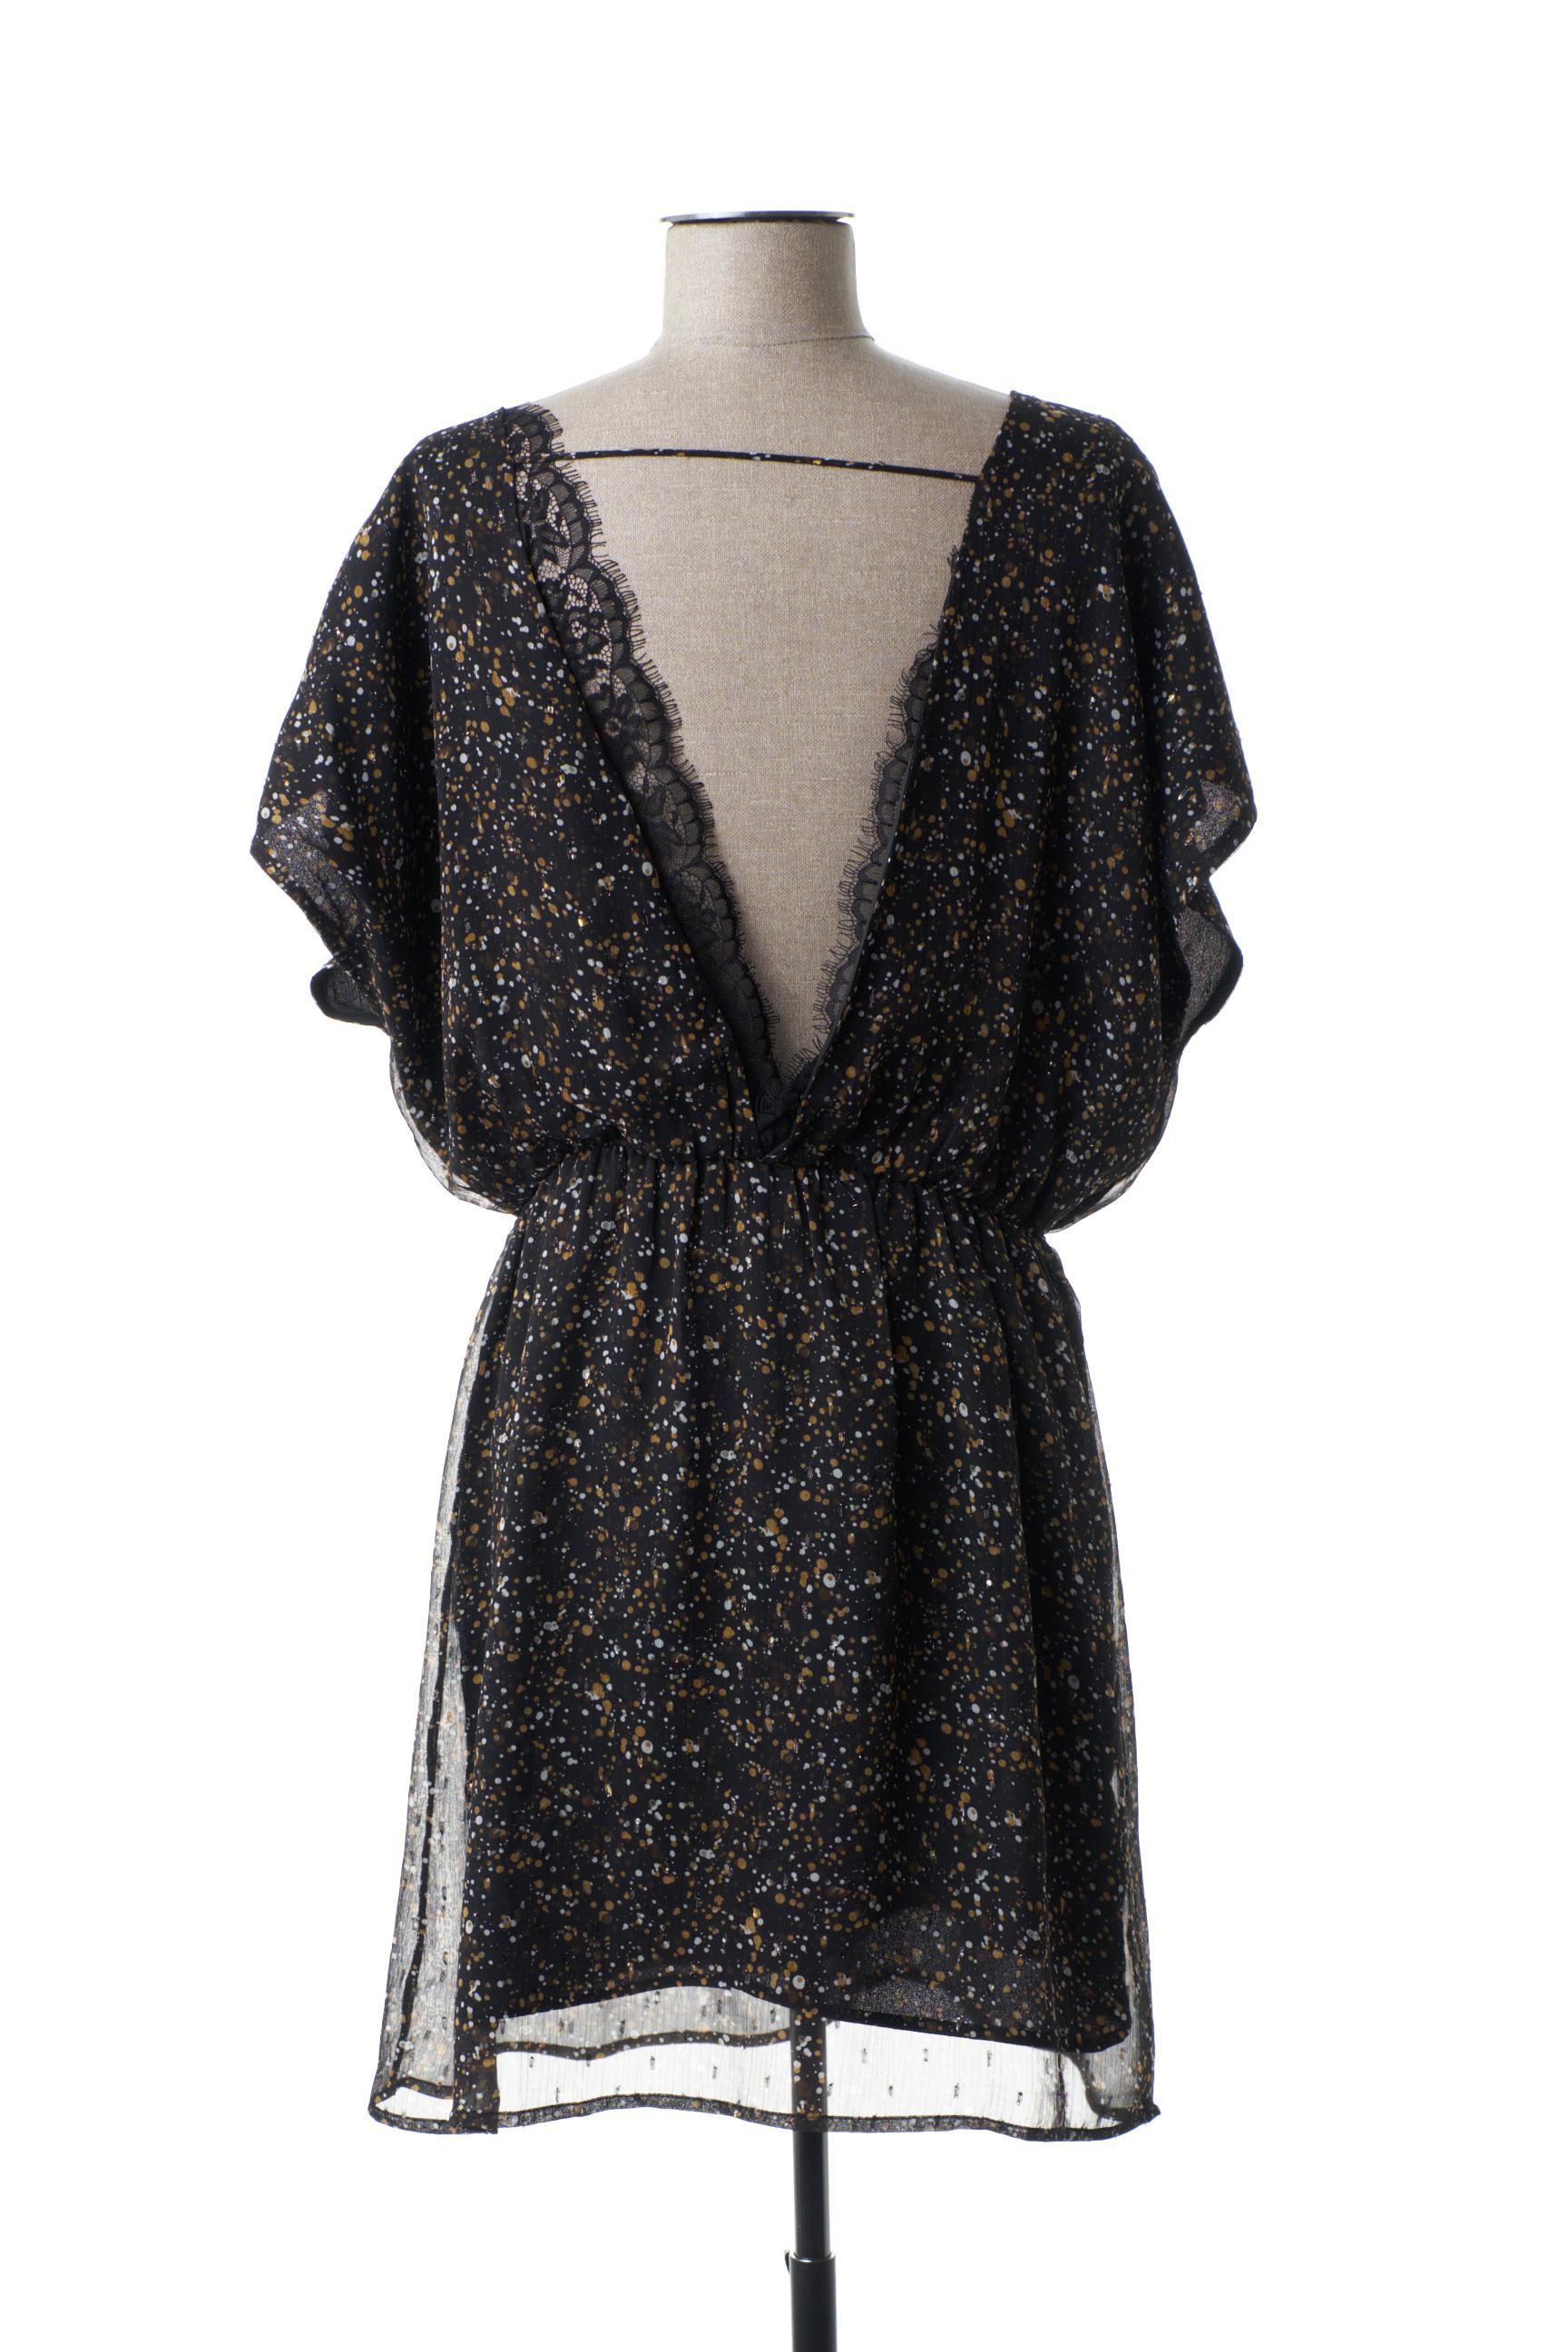 Molly Bracken Robes Mi Longues Femme De Couleur Noir En Soldes Pas Cher 1442020-noir00